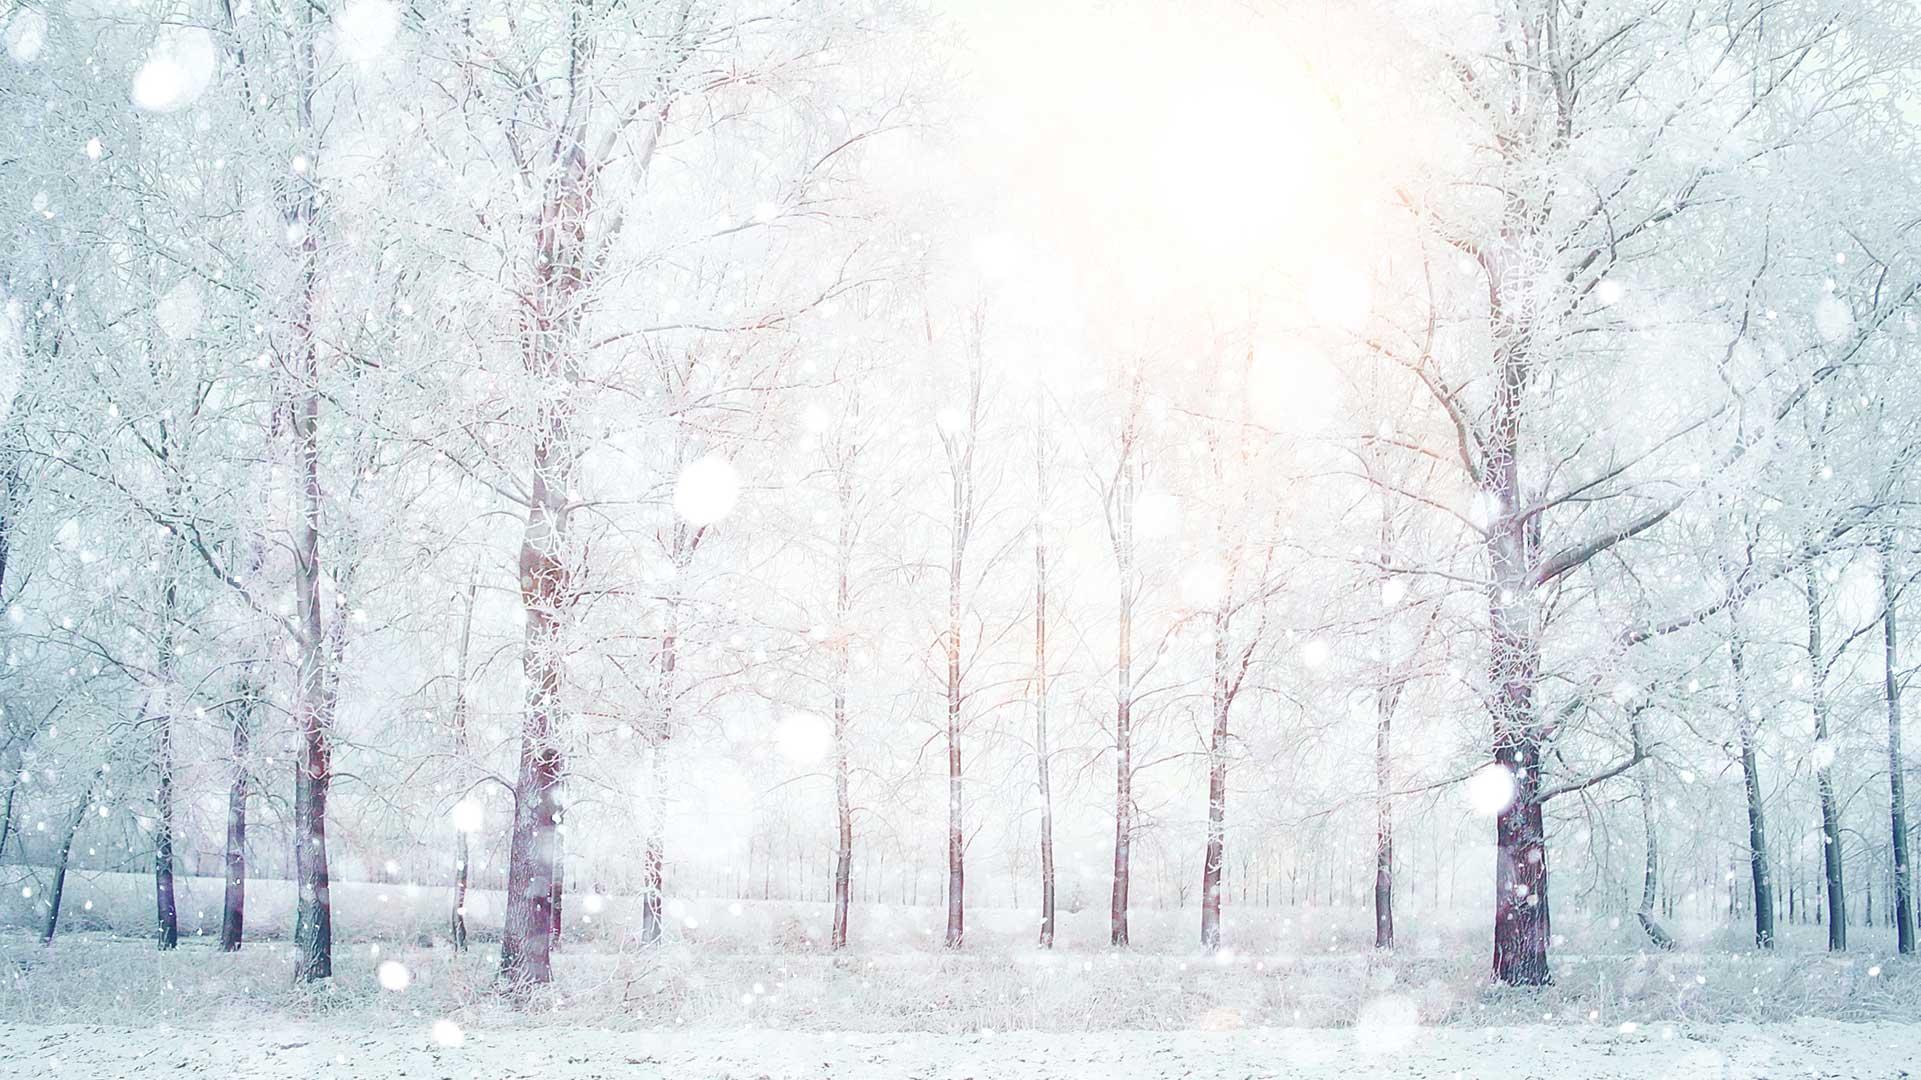 Tuyết phủ trắng xóa cả vùng rừng cây